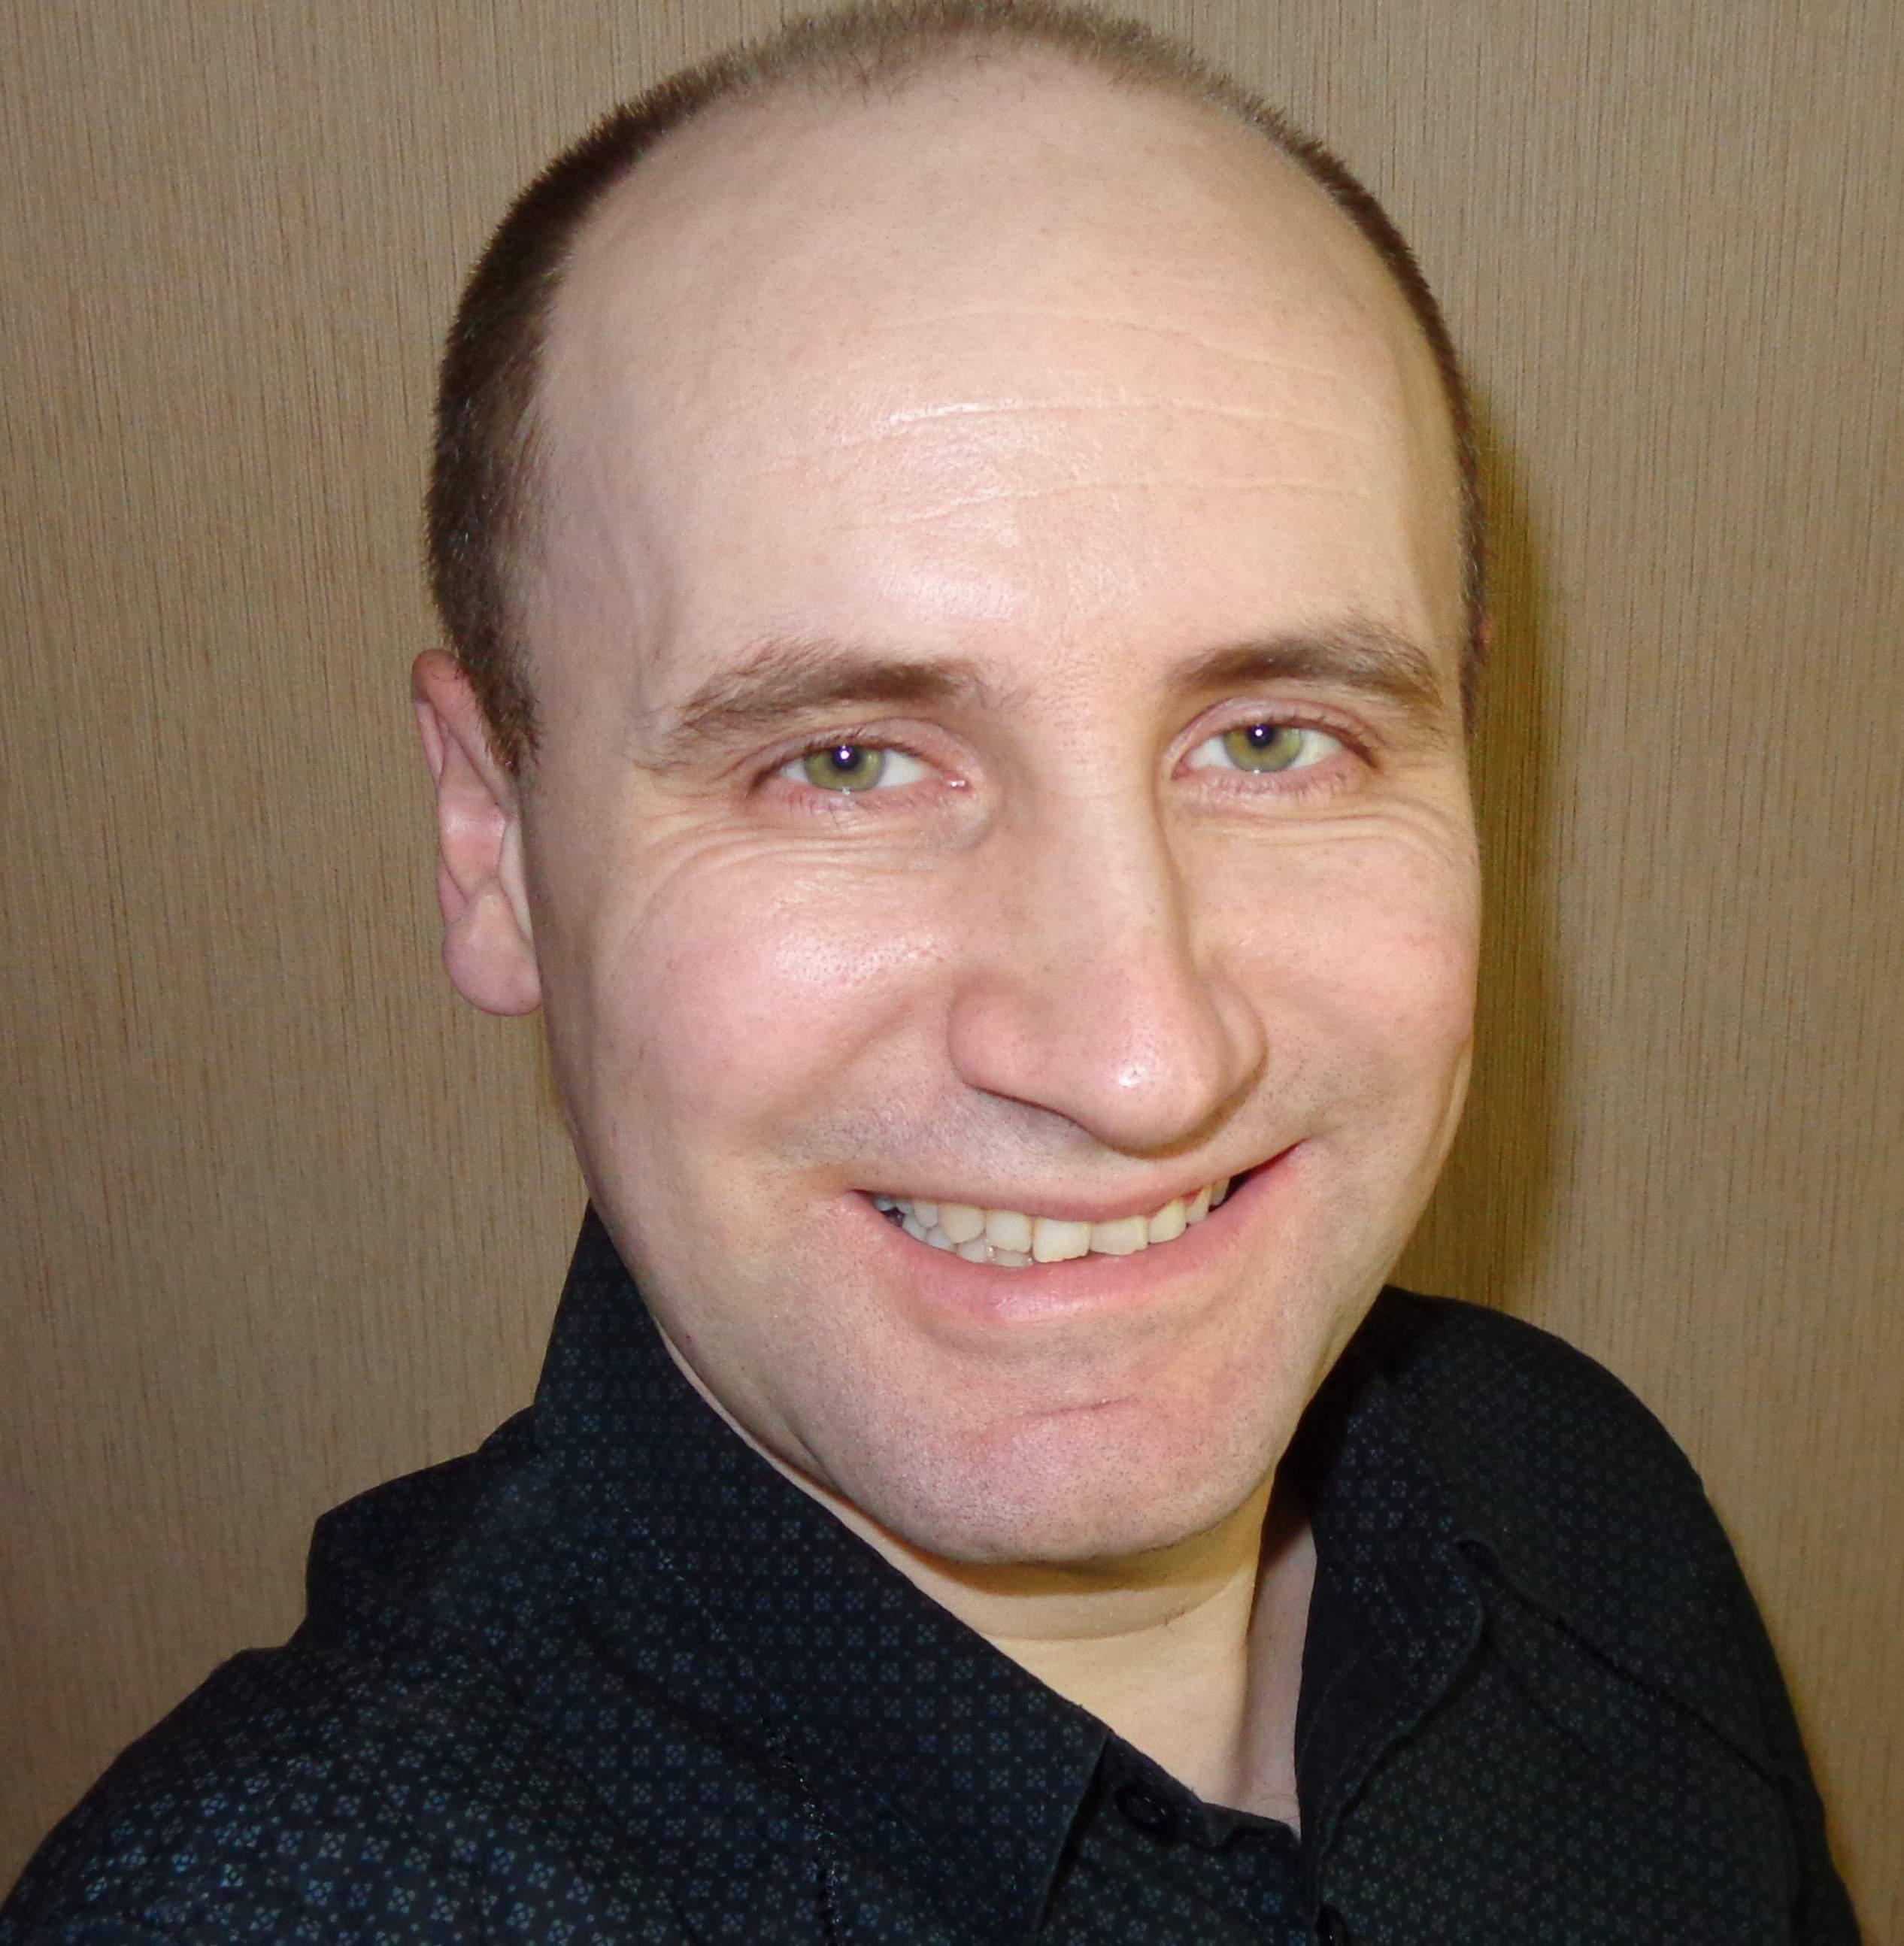 Дмитрий Горьков: «Бизнес или гномики – вот в чем вопрос!»